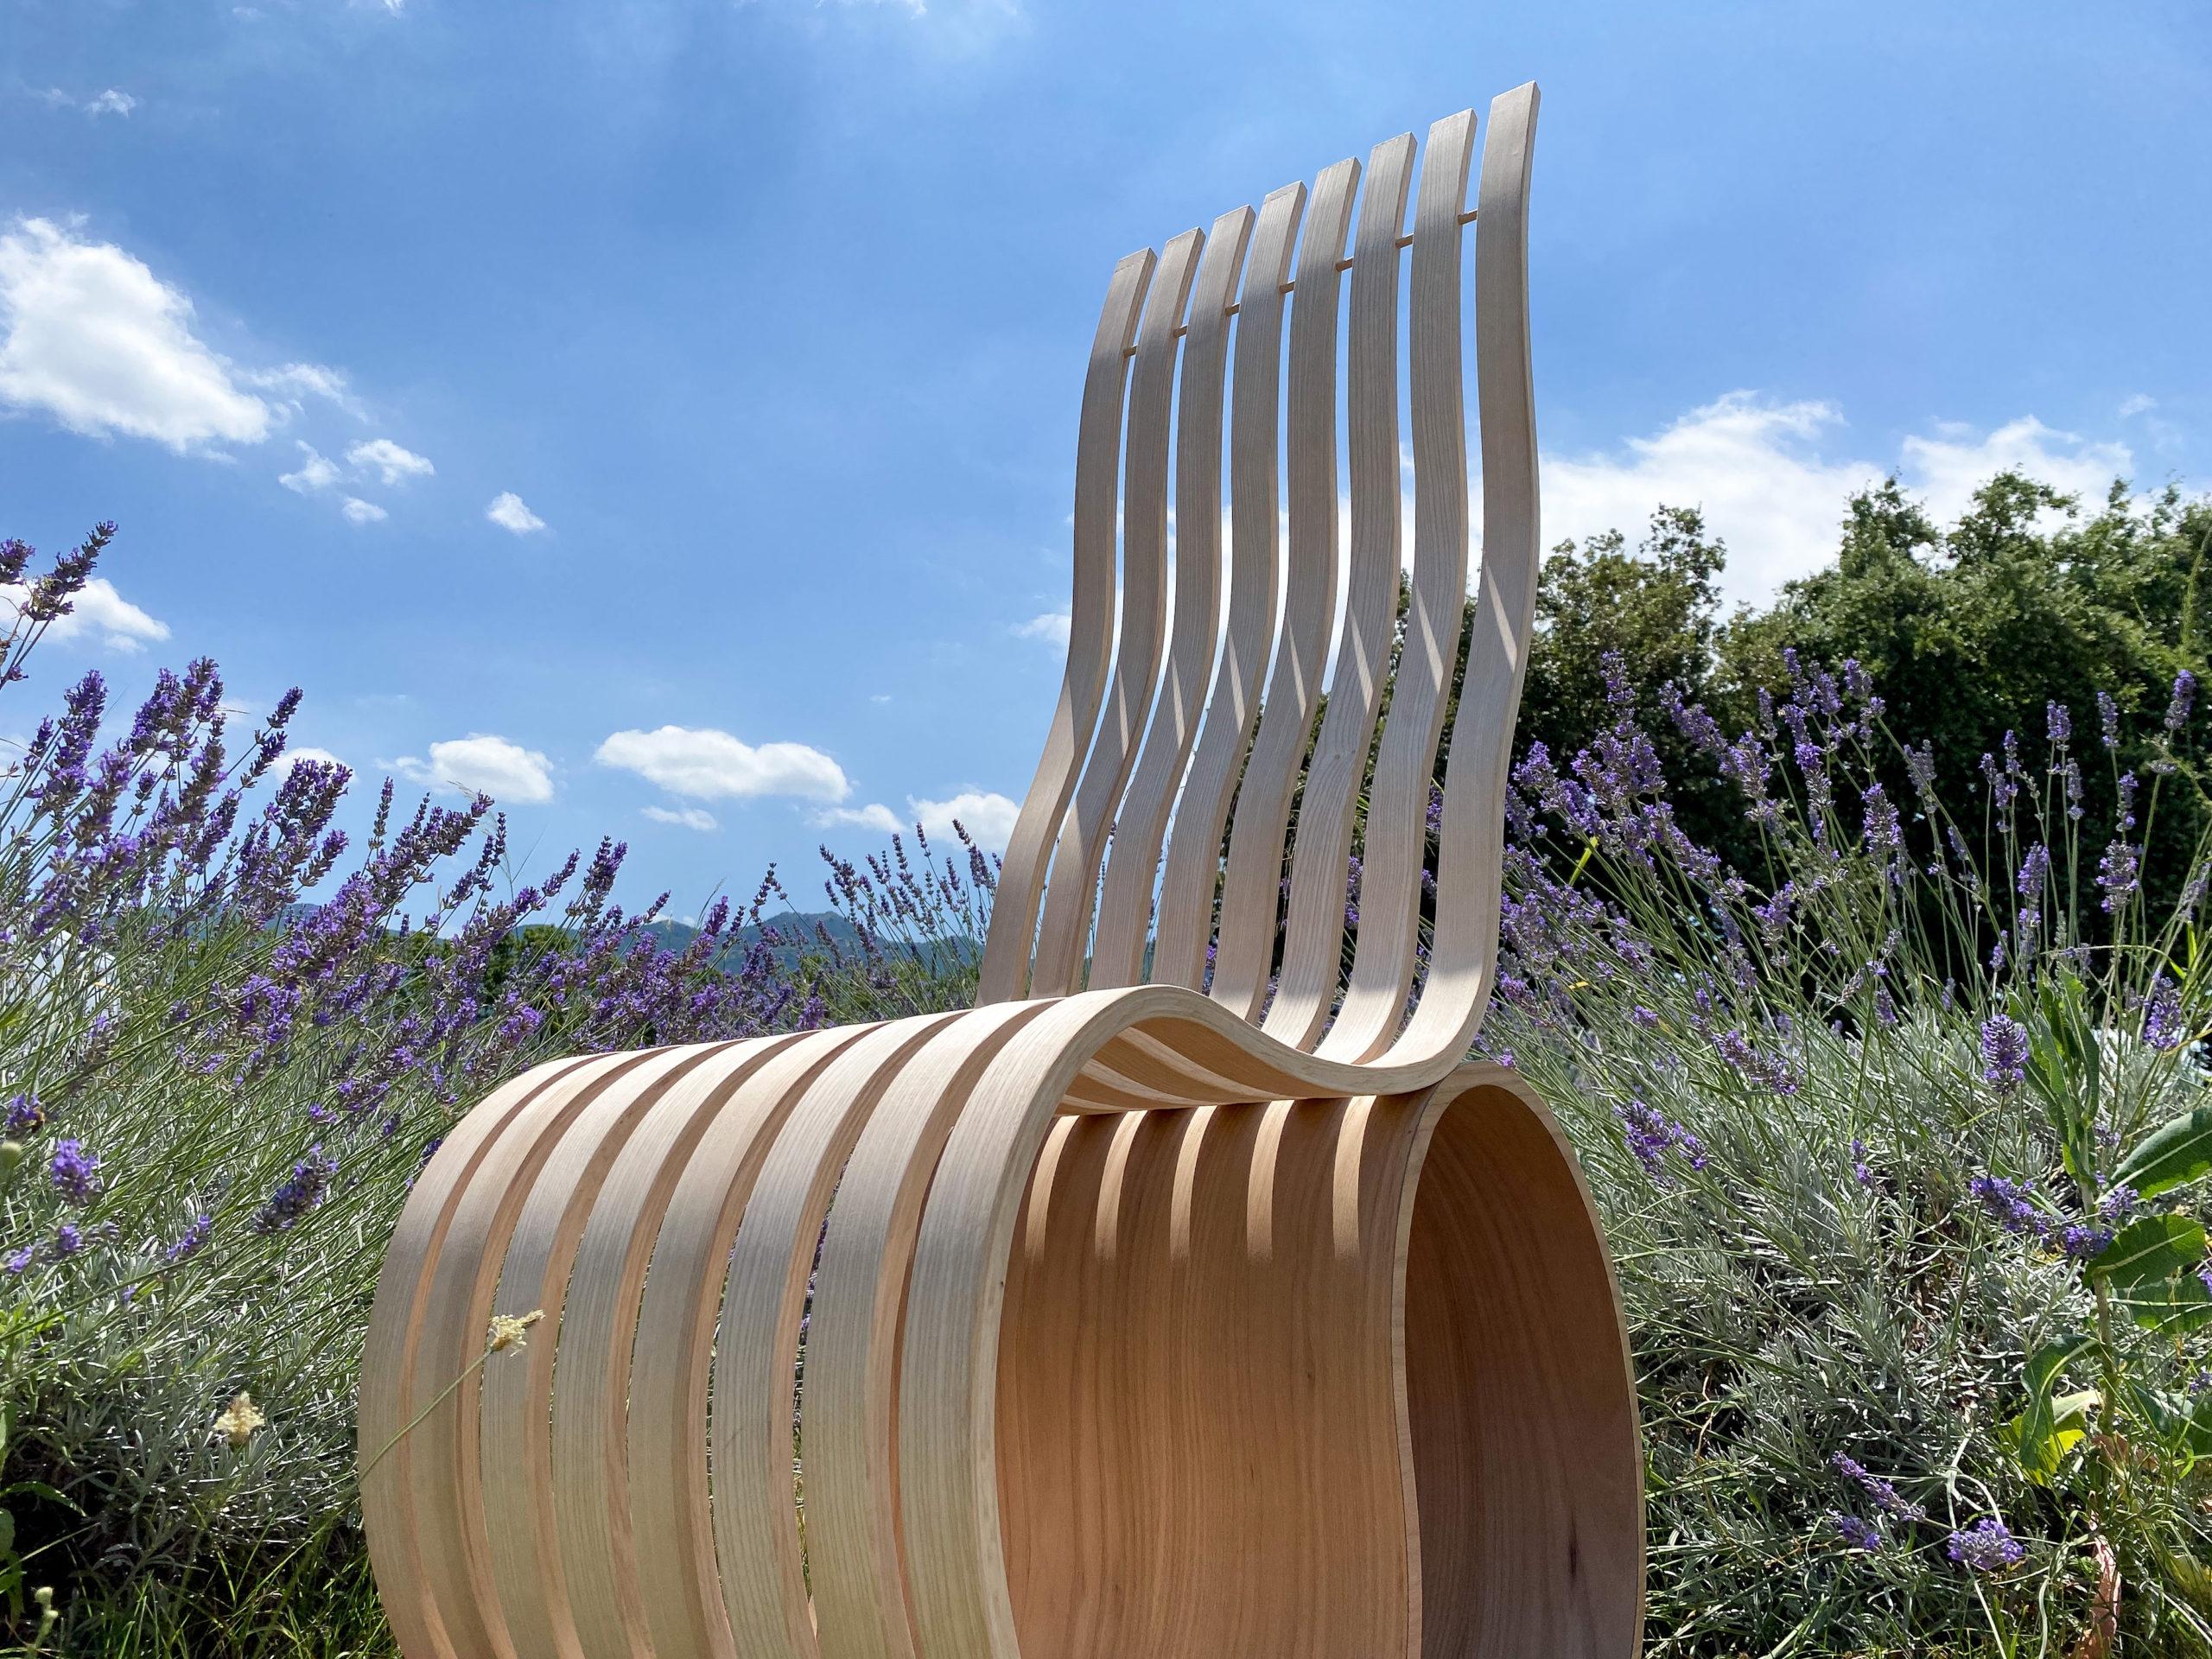 chaise slacken artisanat design ergonomique fonctionnel esthétique bois courbe